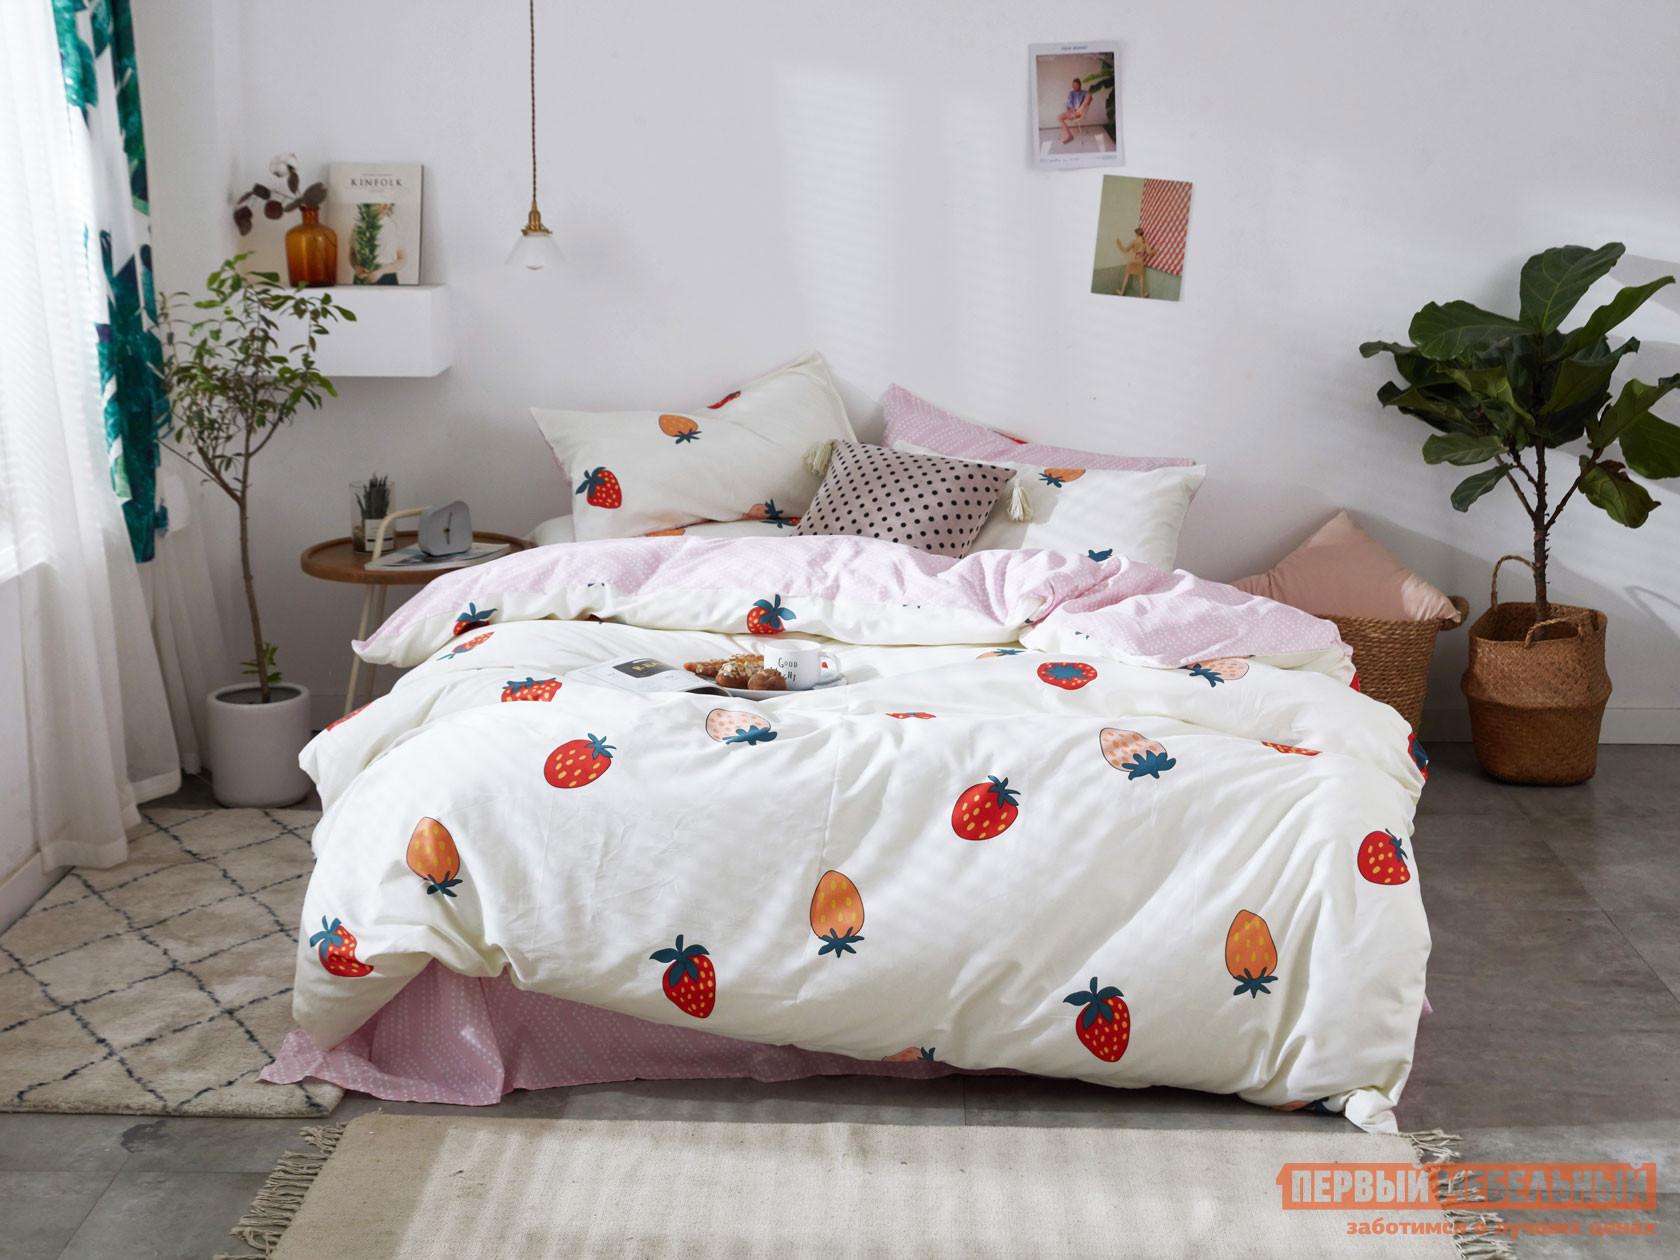 Комплект постельного белья  КПБ сатин 1,5 сп. Д29(1,5) Д29, Яньтекс 117072